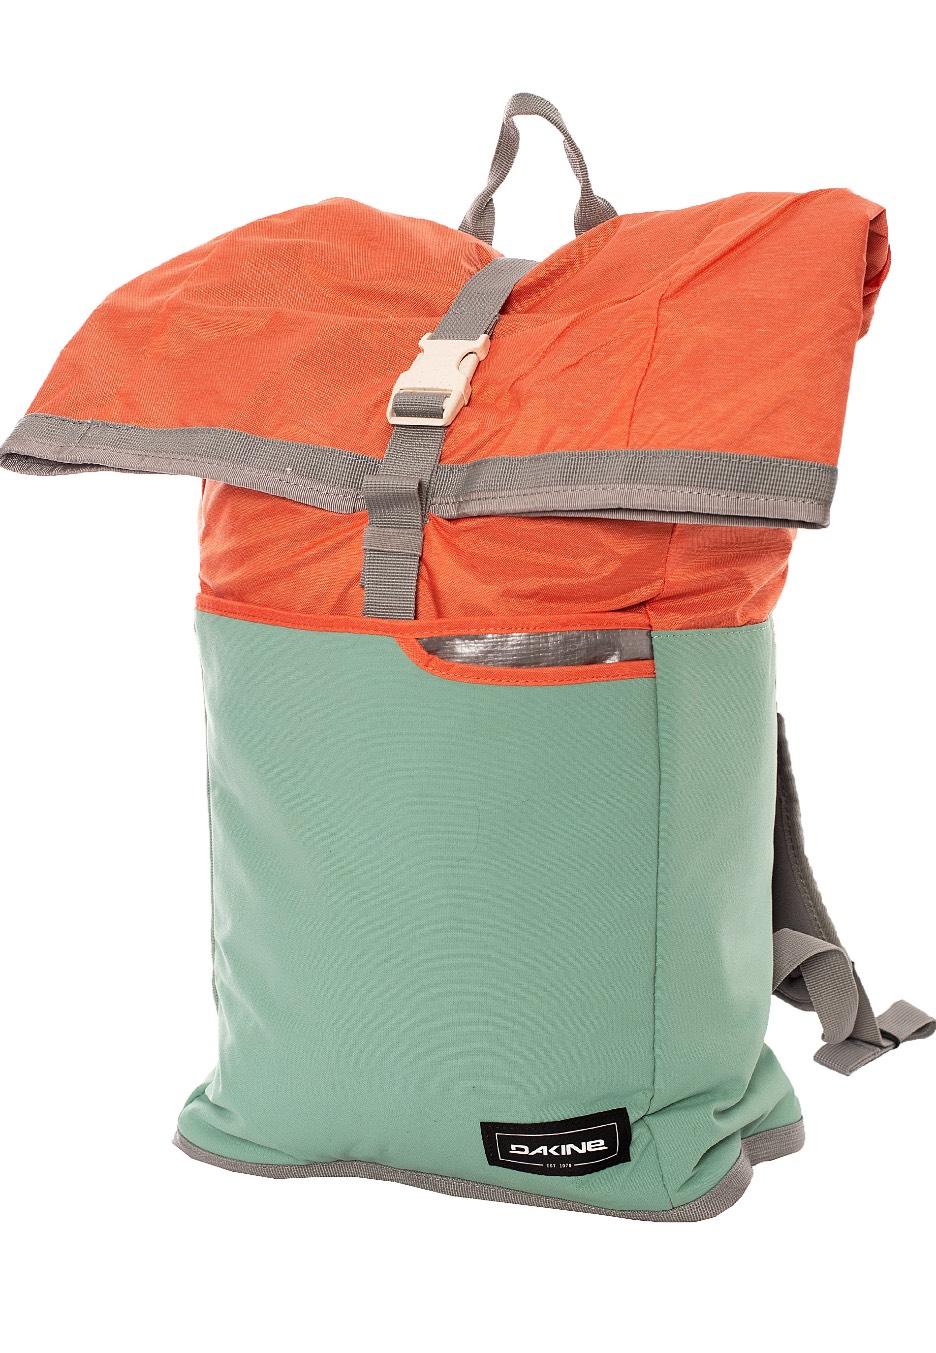 32ce1de03e5c6 Dakine Section Wet Dry Bag – Patmo Technologies Limited